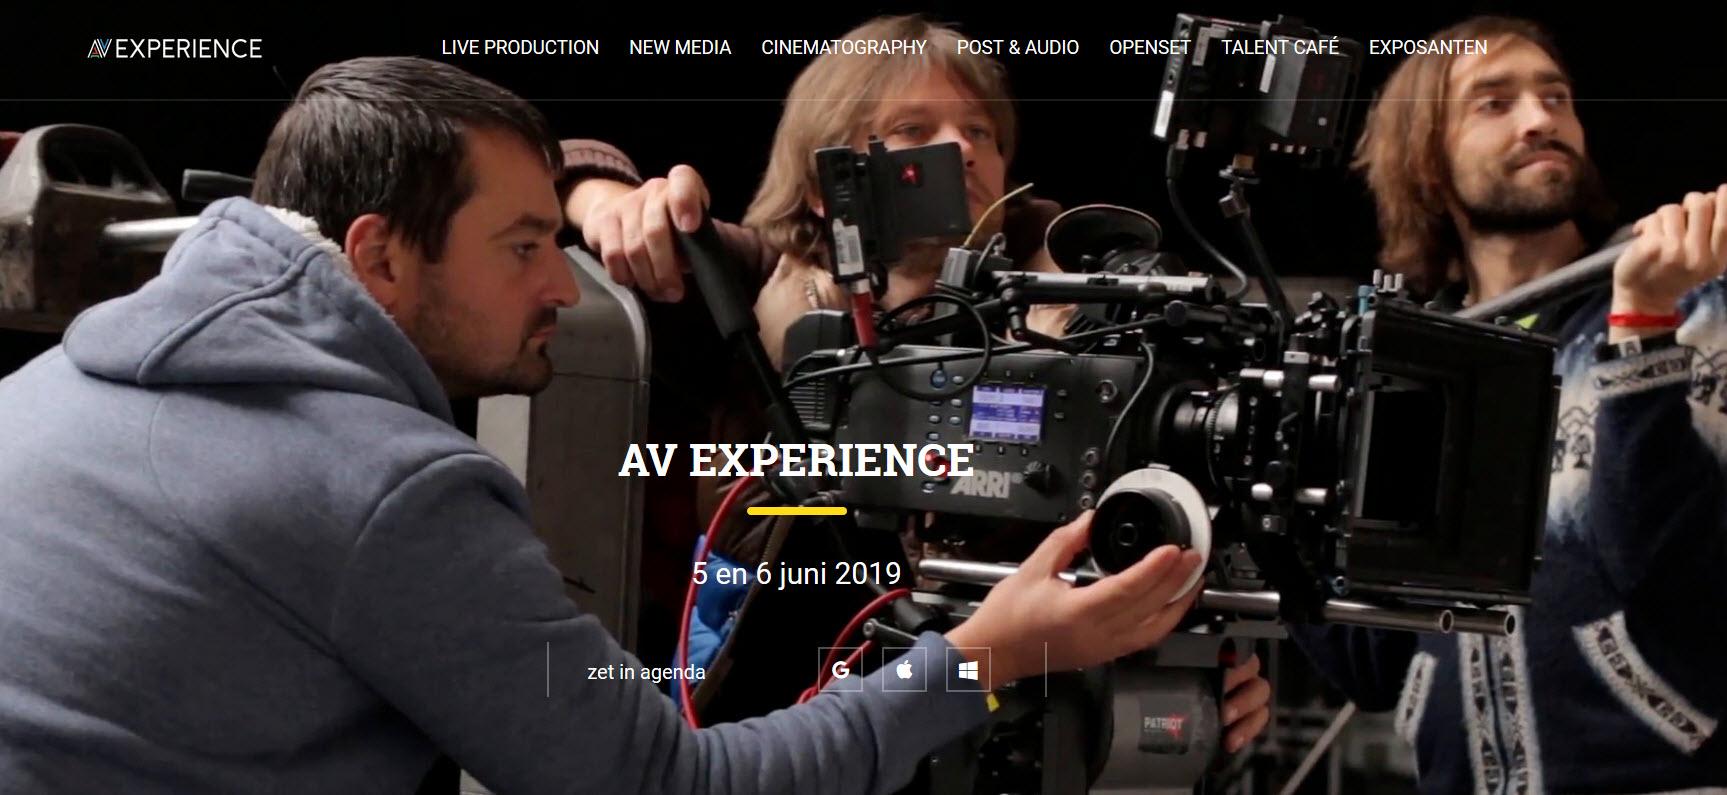 AV festival amsterdam 2019